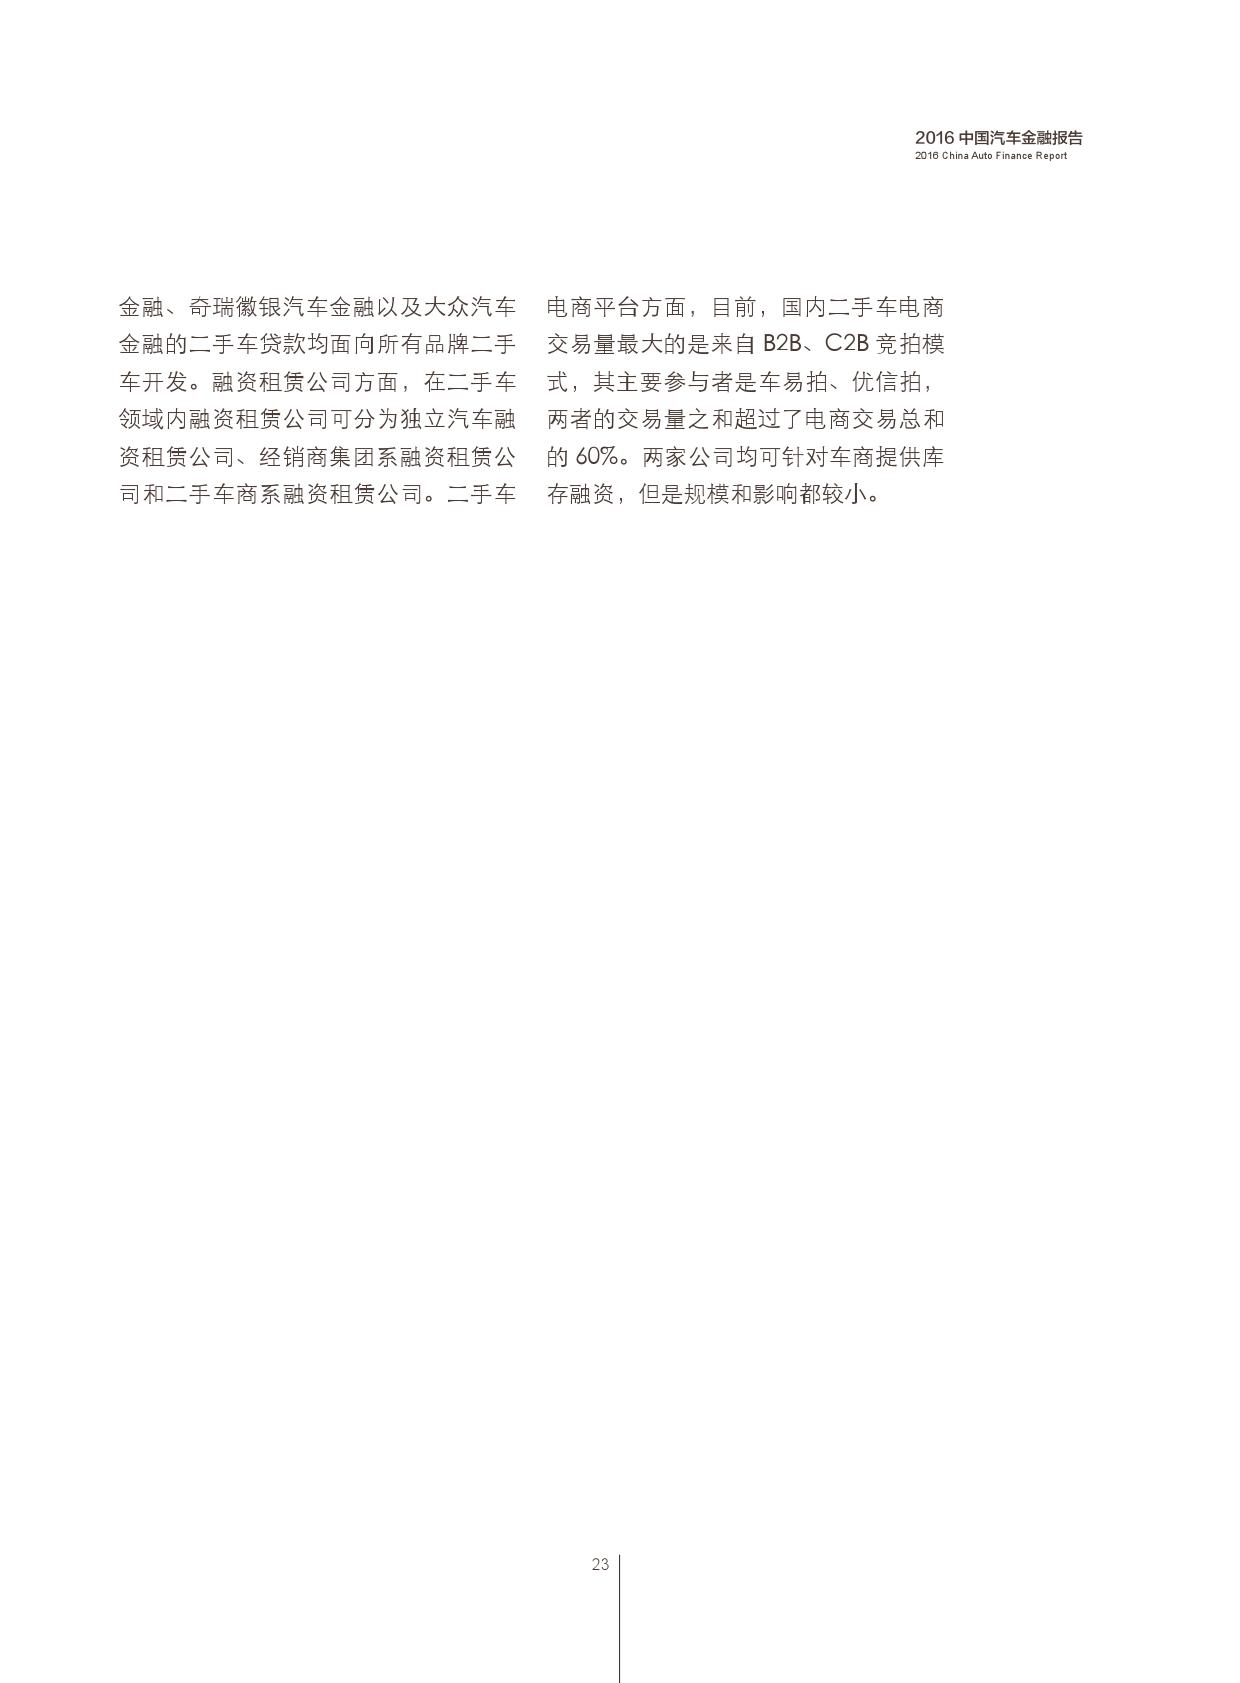 2016中国汽车金融报告_000024